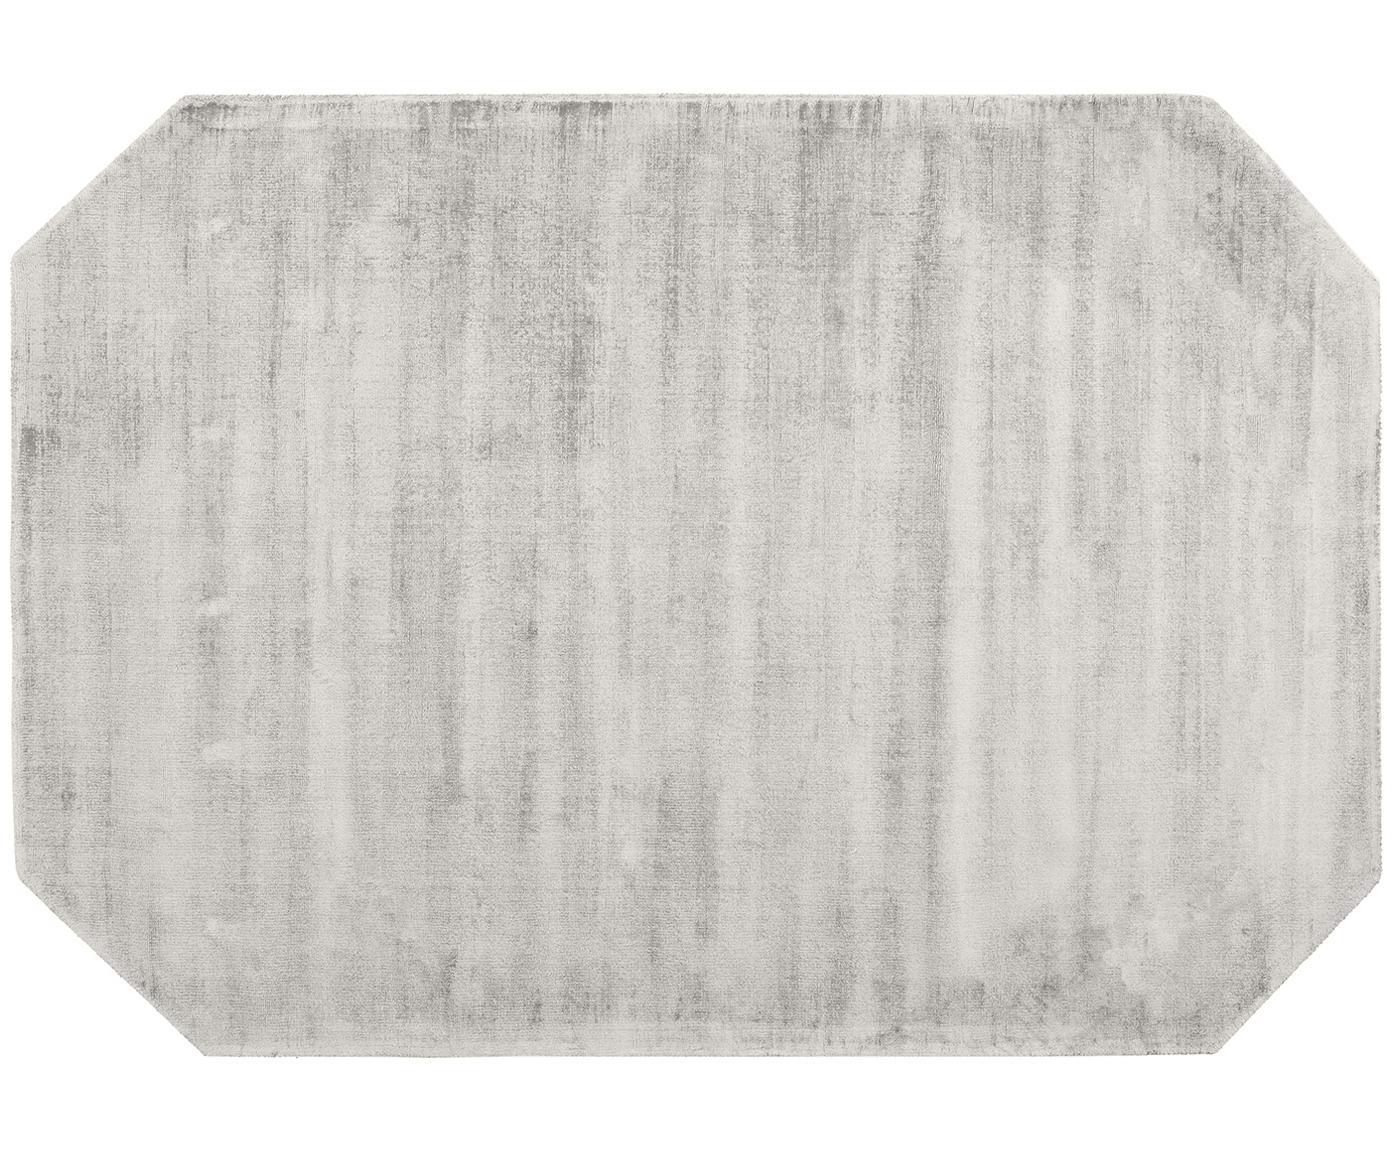 Viscose vloerkleed Jane Diamond, Bovenzijde: 100% viscose, Onderzijde: 100% katoen, Lichtgrijs-beige, 160 x 230 cm